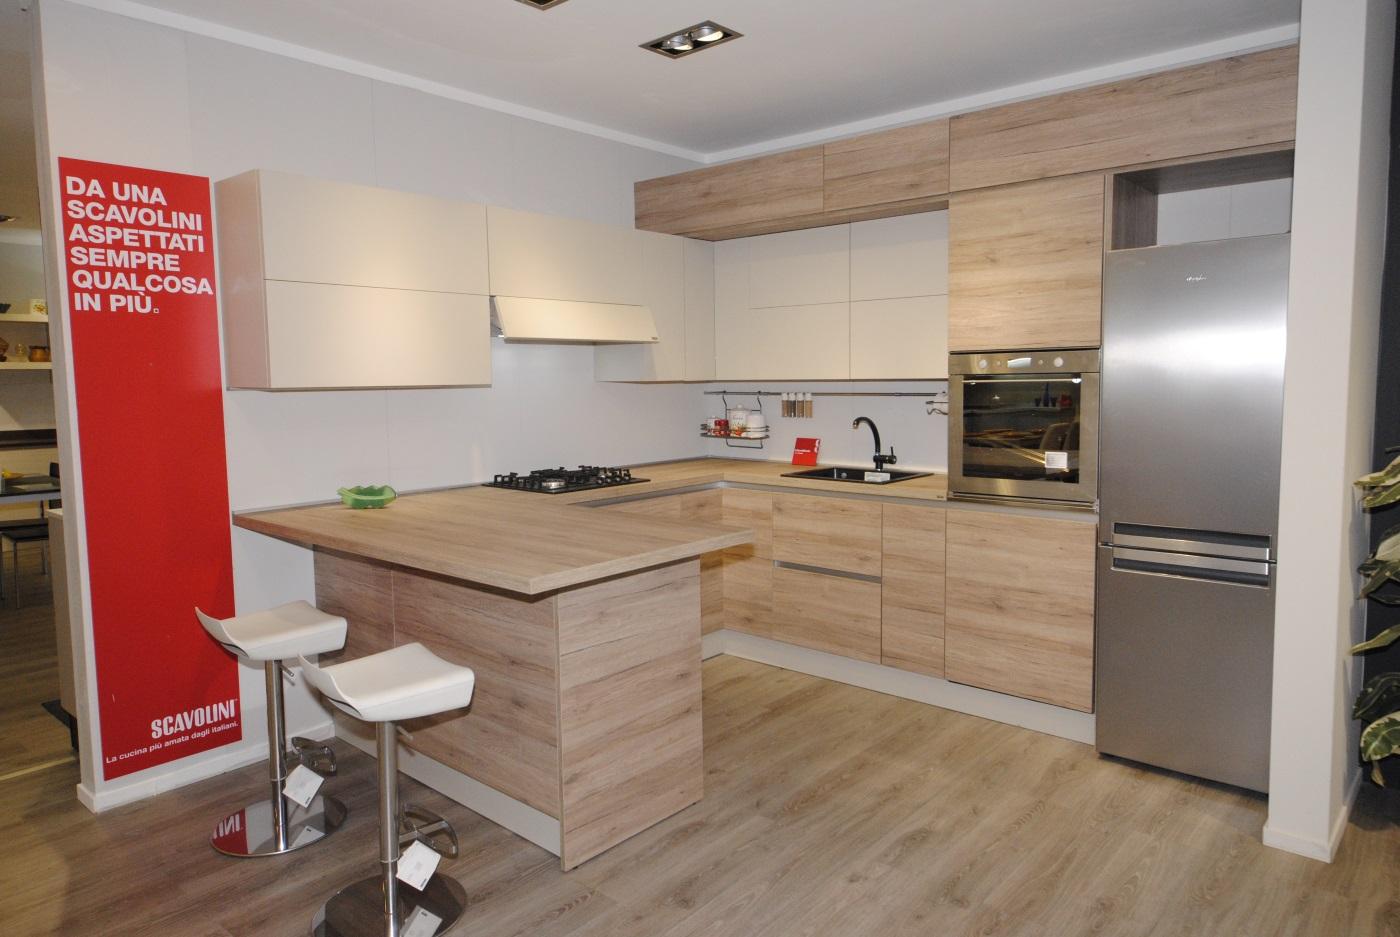 Offerta cucina scavolini modello liberamente decorativo e - Costo cucine scavolini ...